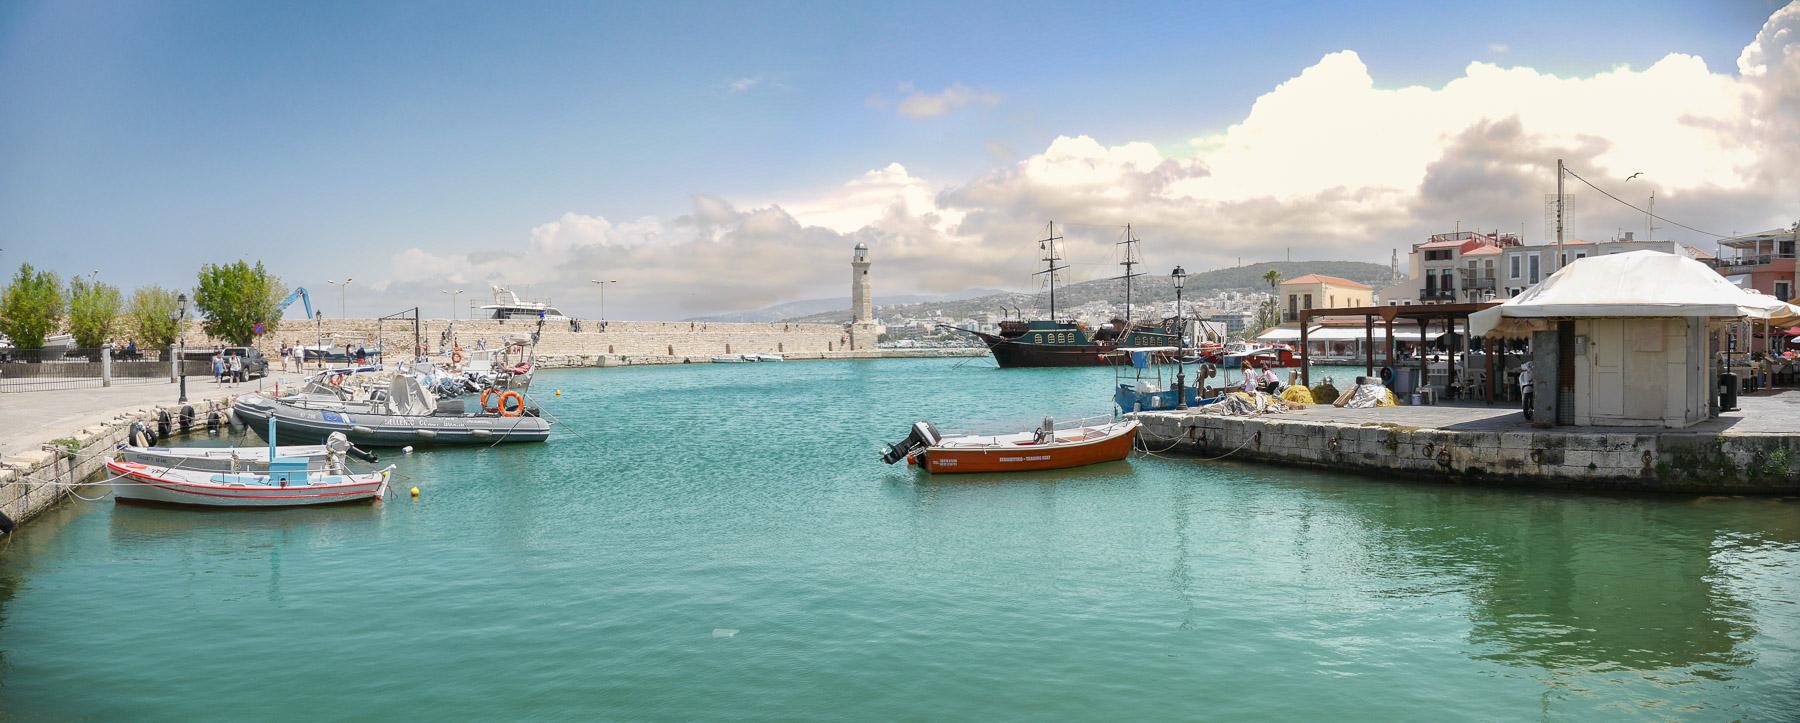 Hafen mit Leuchtturm und Fischerbooten